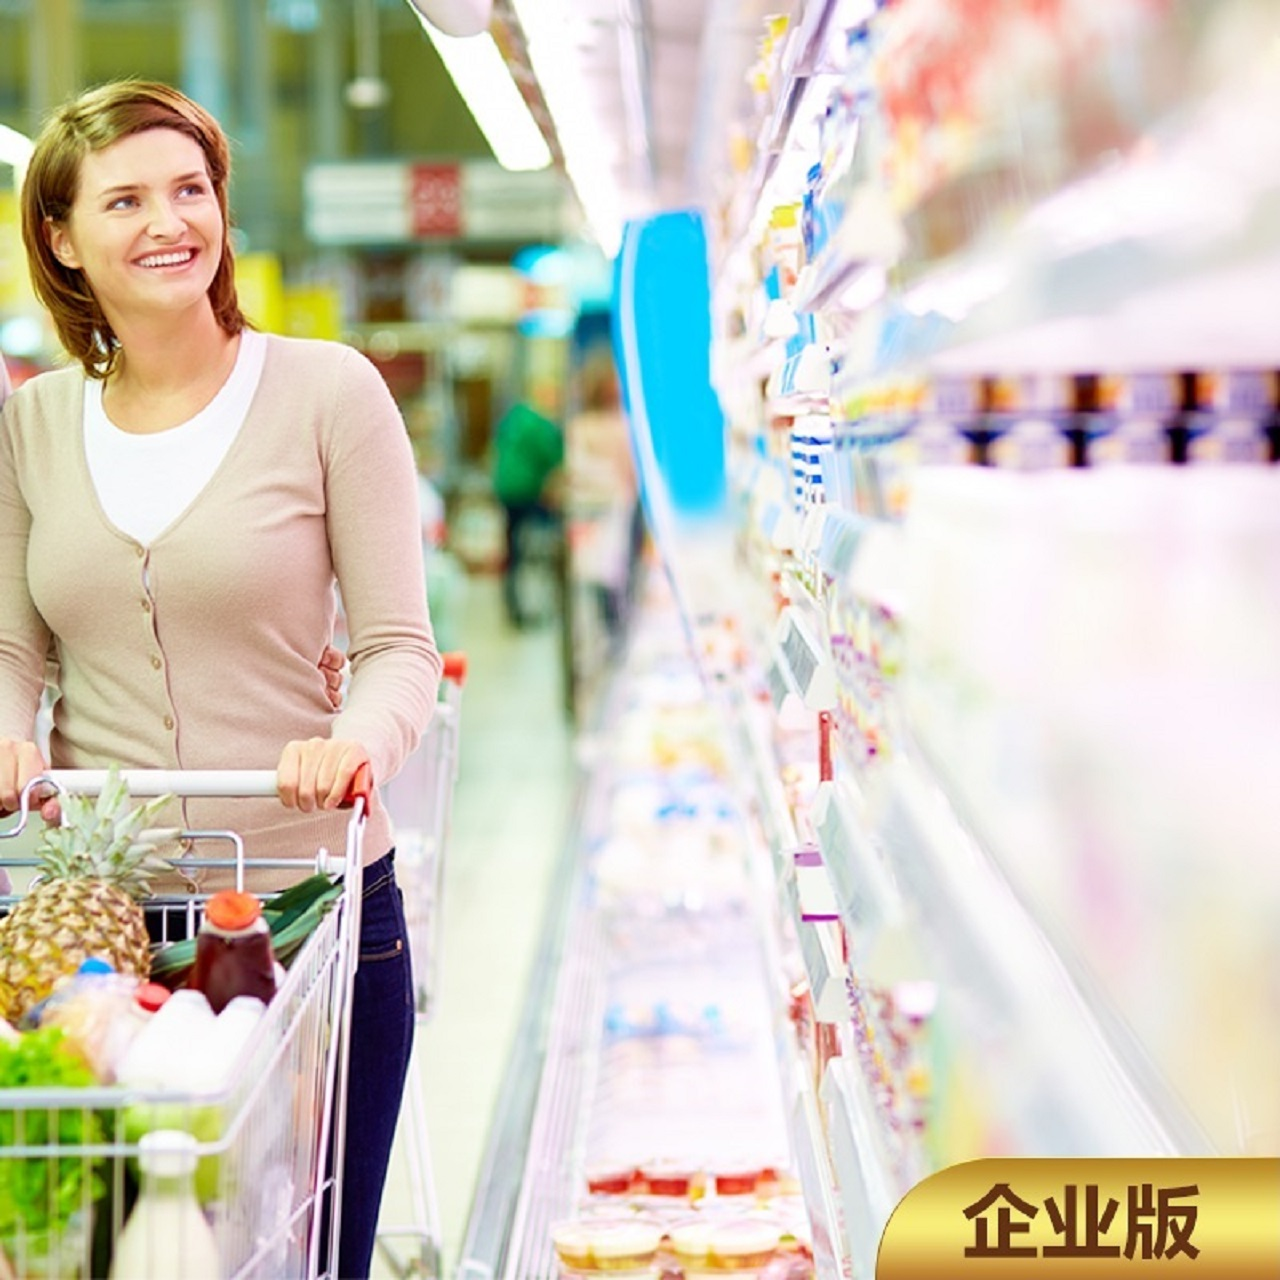 海信商业管理系统-基础零售-企业版